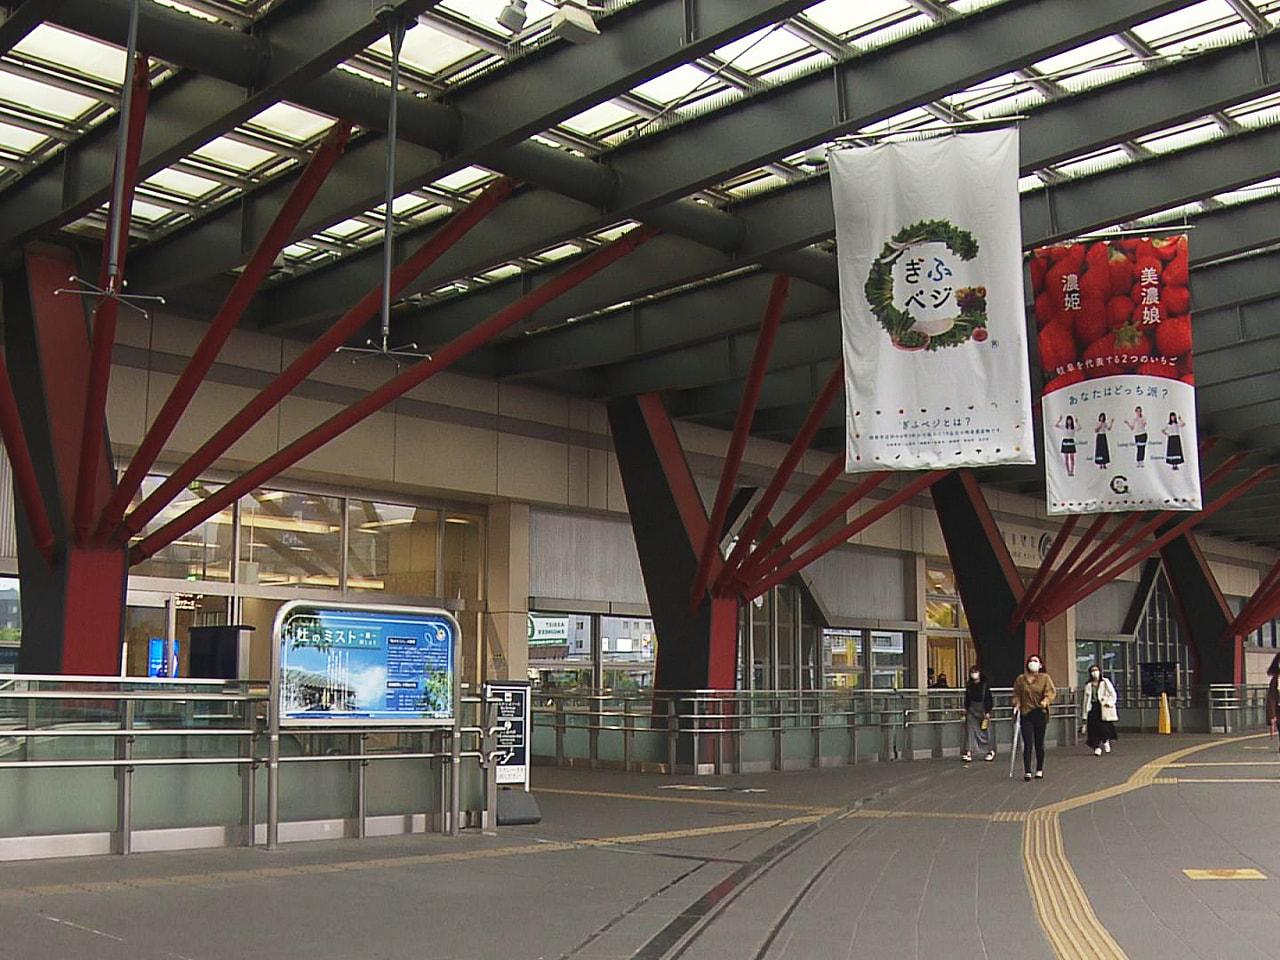 岐阜県と岐阜市は17日、新型コロナウイルスの感染が70人確認されたと発表しました...